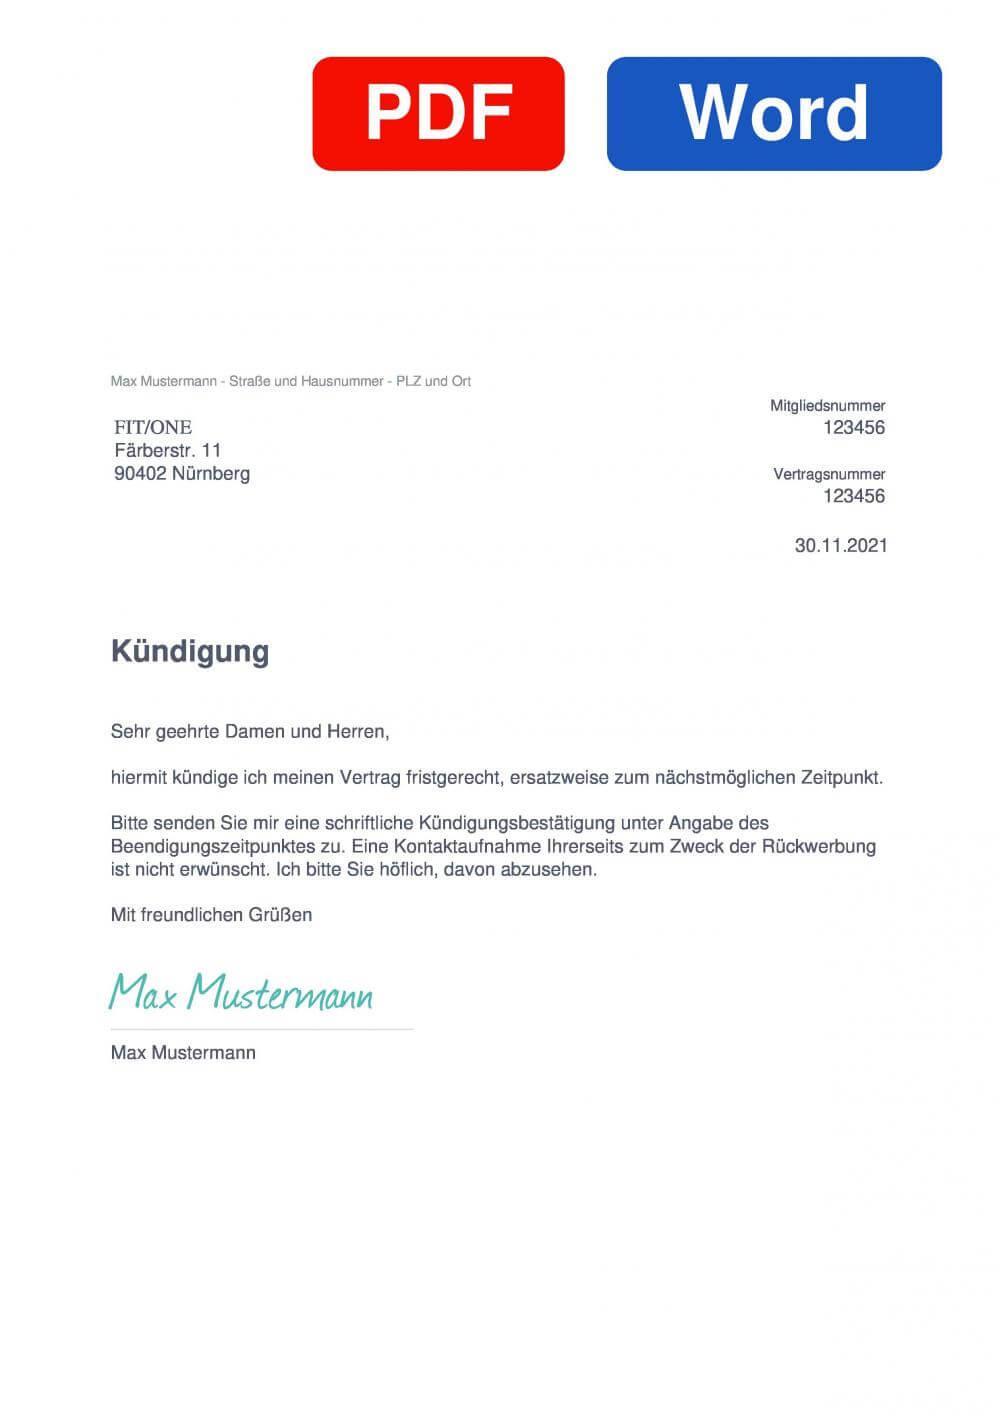 FIT/ONE Nürnberg Muster Vorlage für Kündigungsschreiben